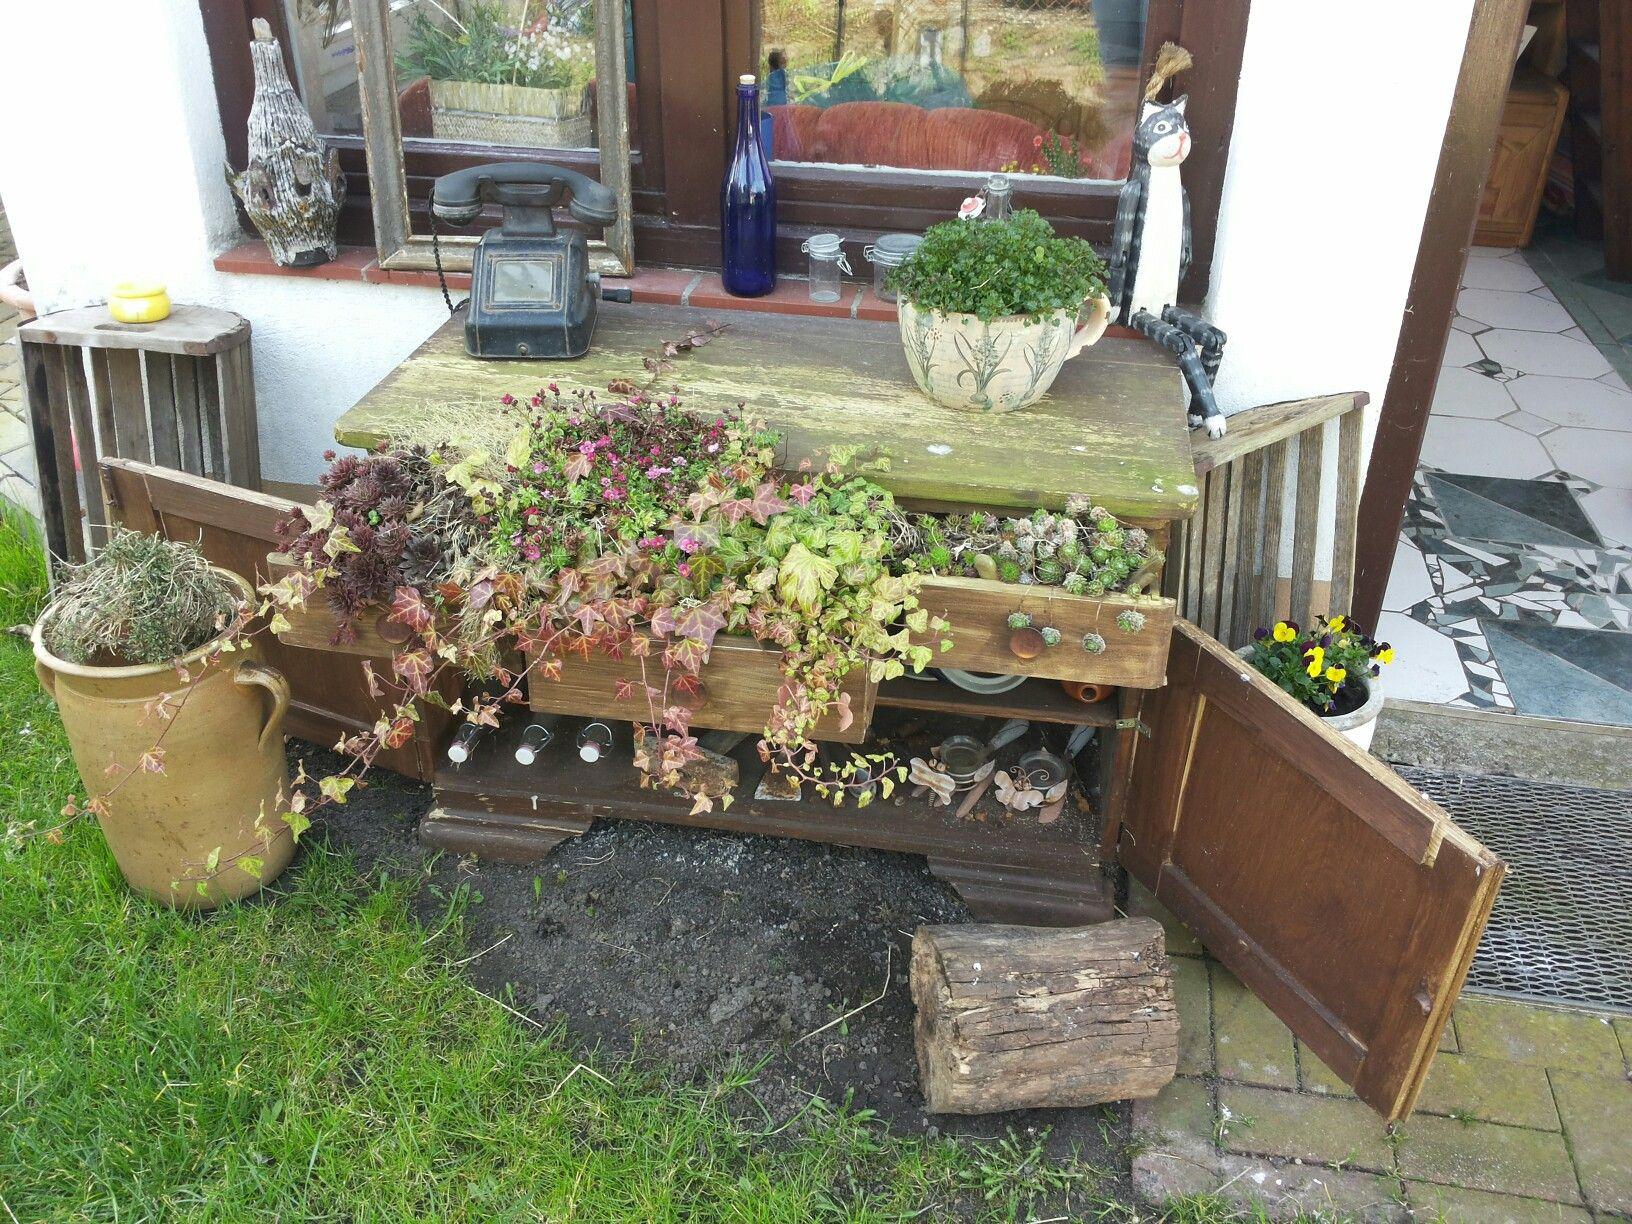 Prächtig Alte Kommode bepflanzen | Selbst gemachtes | Kommode und Garten #SU_94